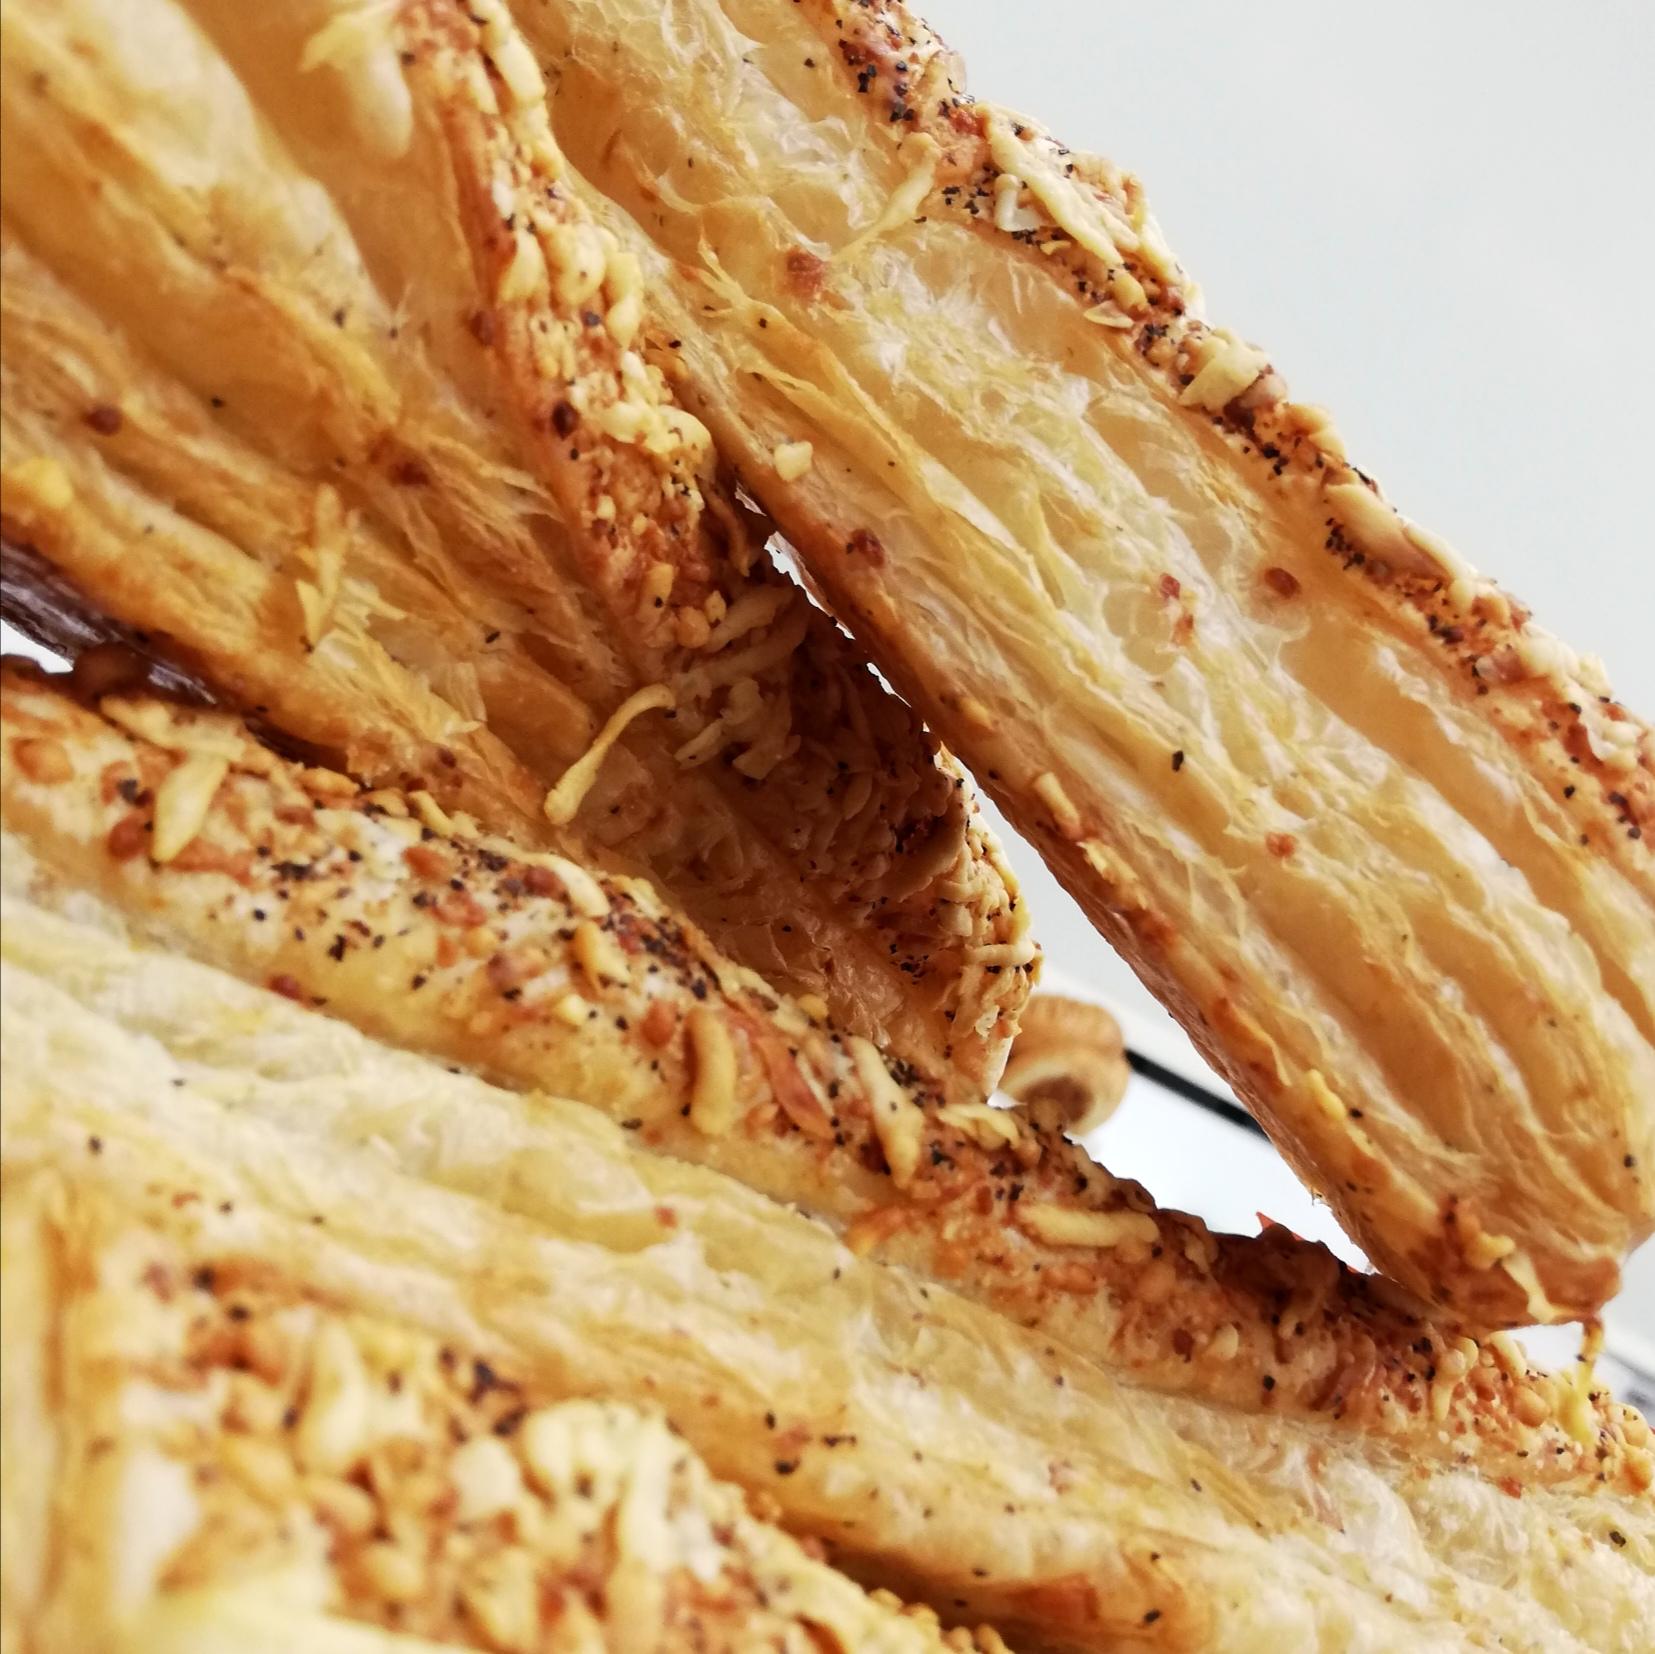 (FRI) 'Cacio e Pepe' Cheese Straw